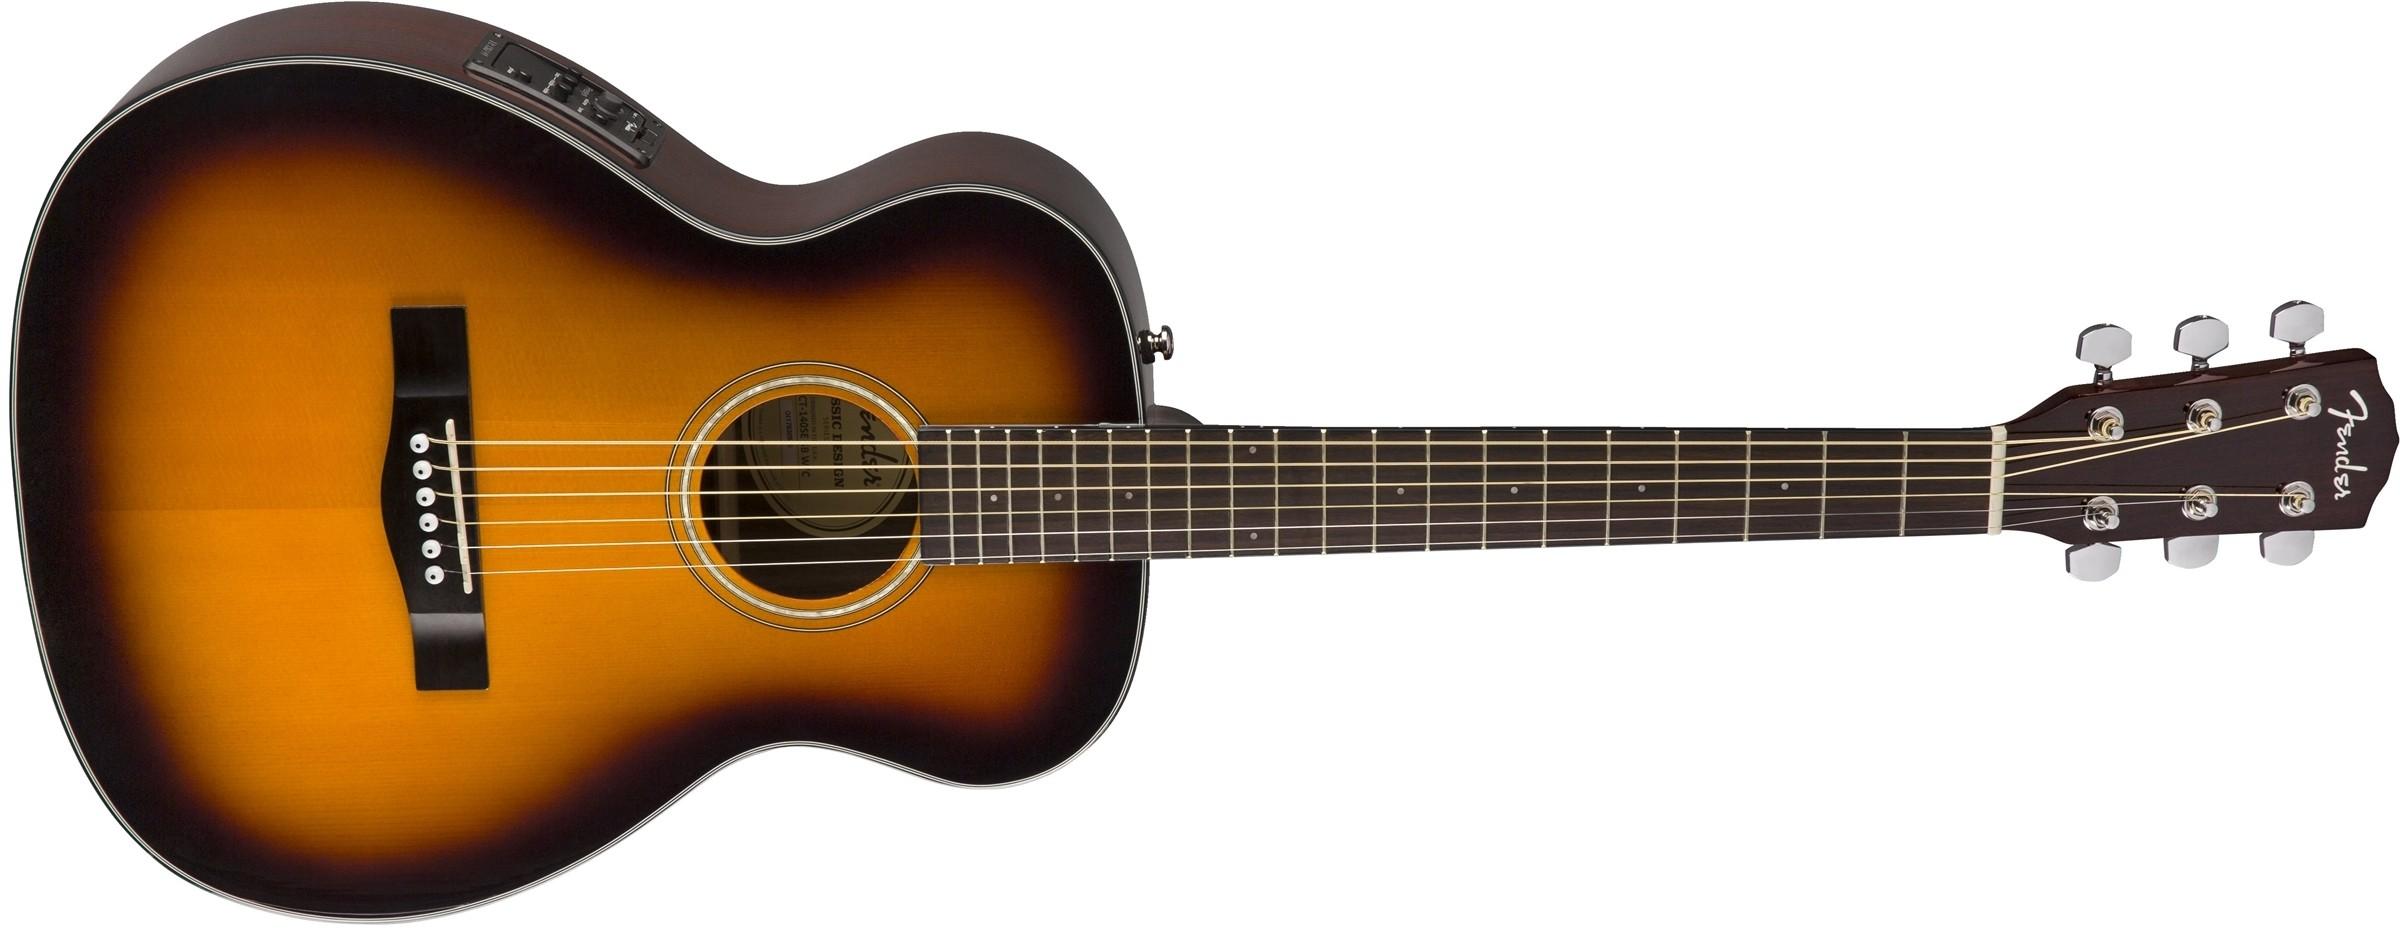 Fender CT-140SE akustisk travel gitar - Sunburst